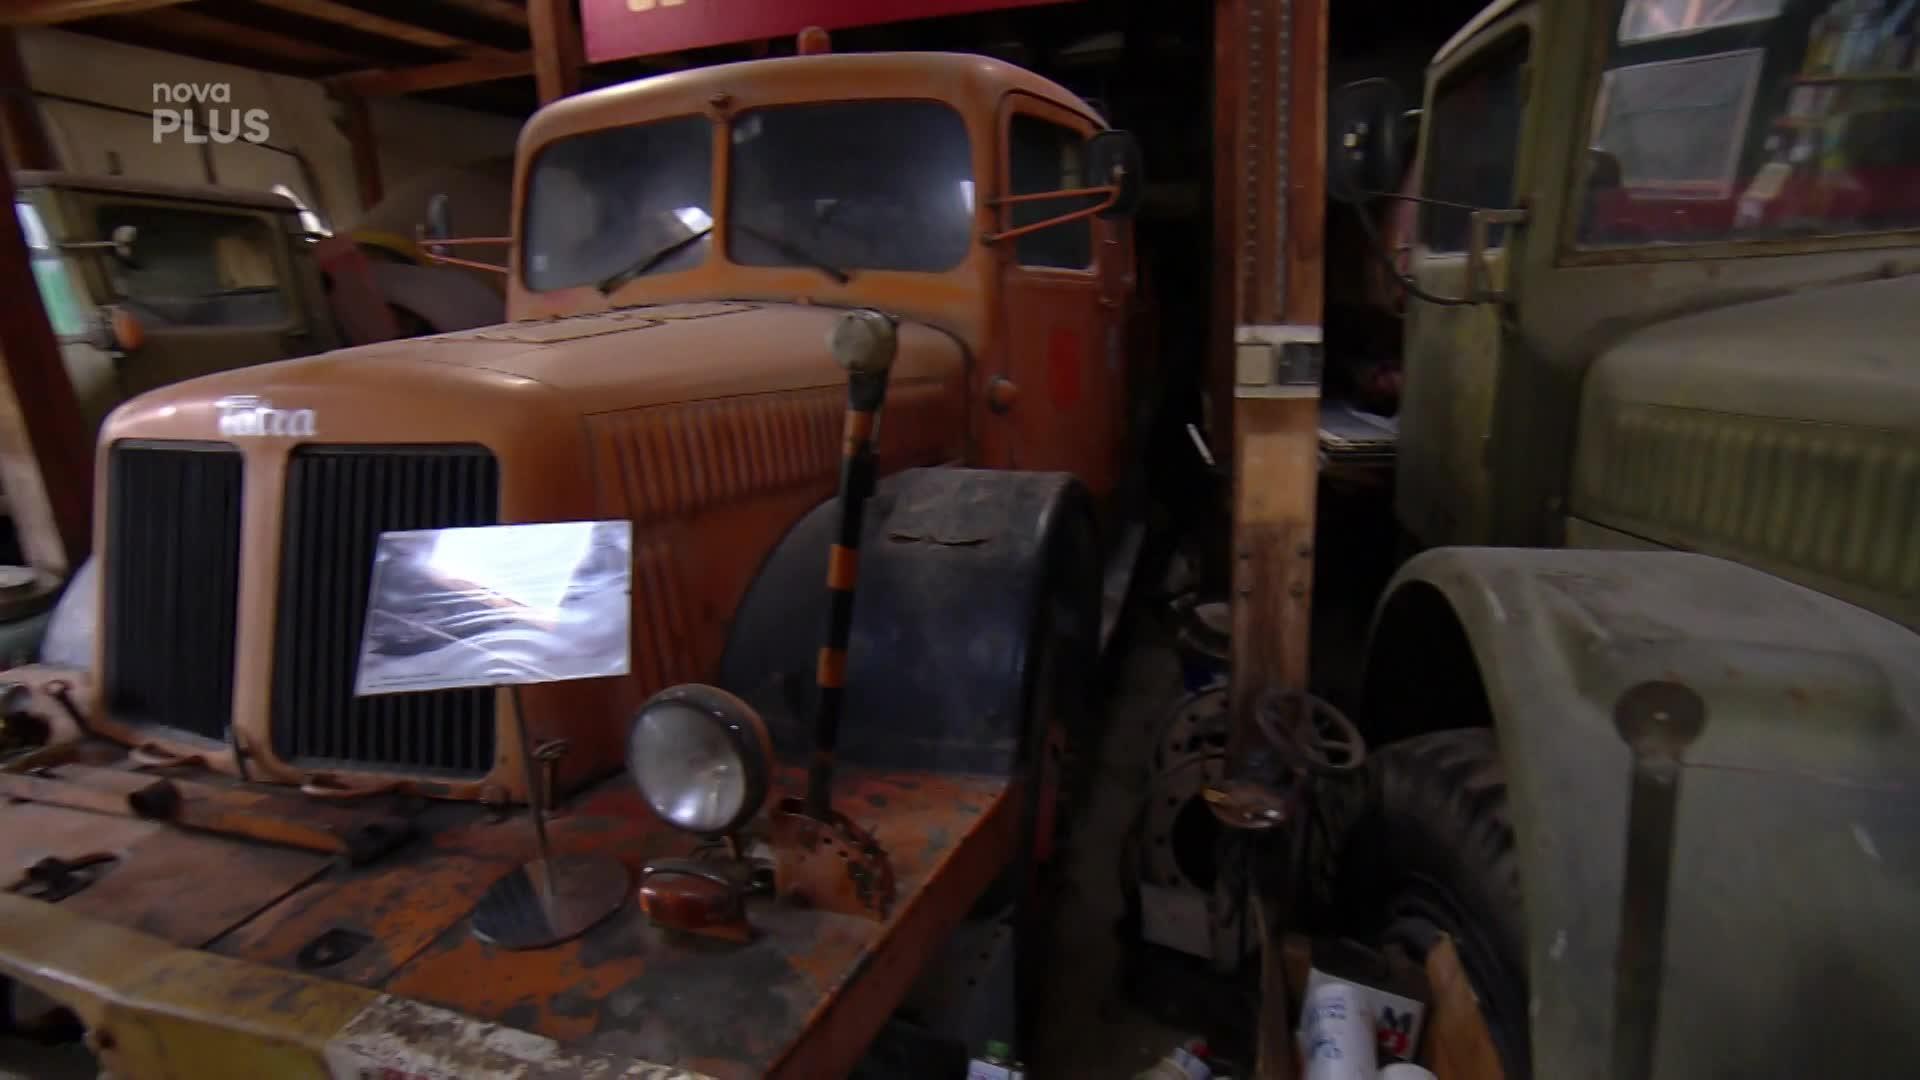 Takovou sbírku hned tak neuvidíte! Staré náklaďáky vyžadují prostor i technologie